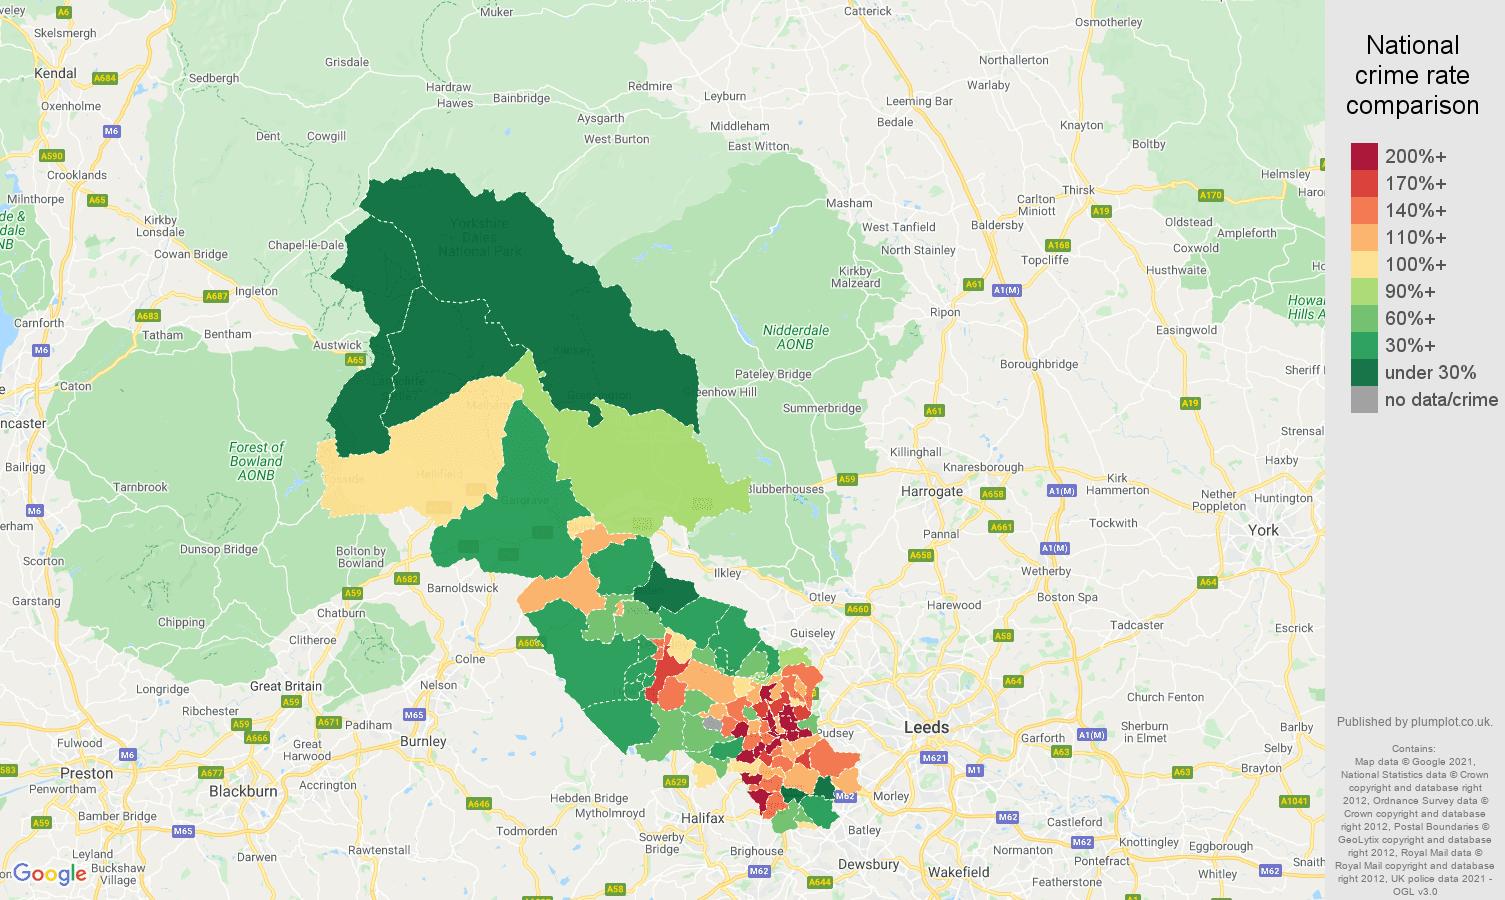 Bradford drugs crime rate comparison map